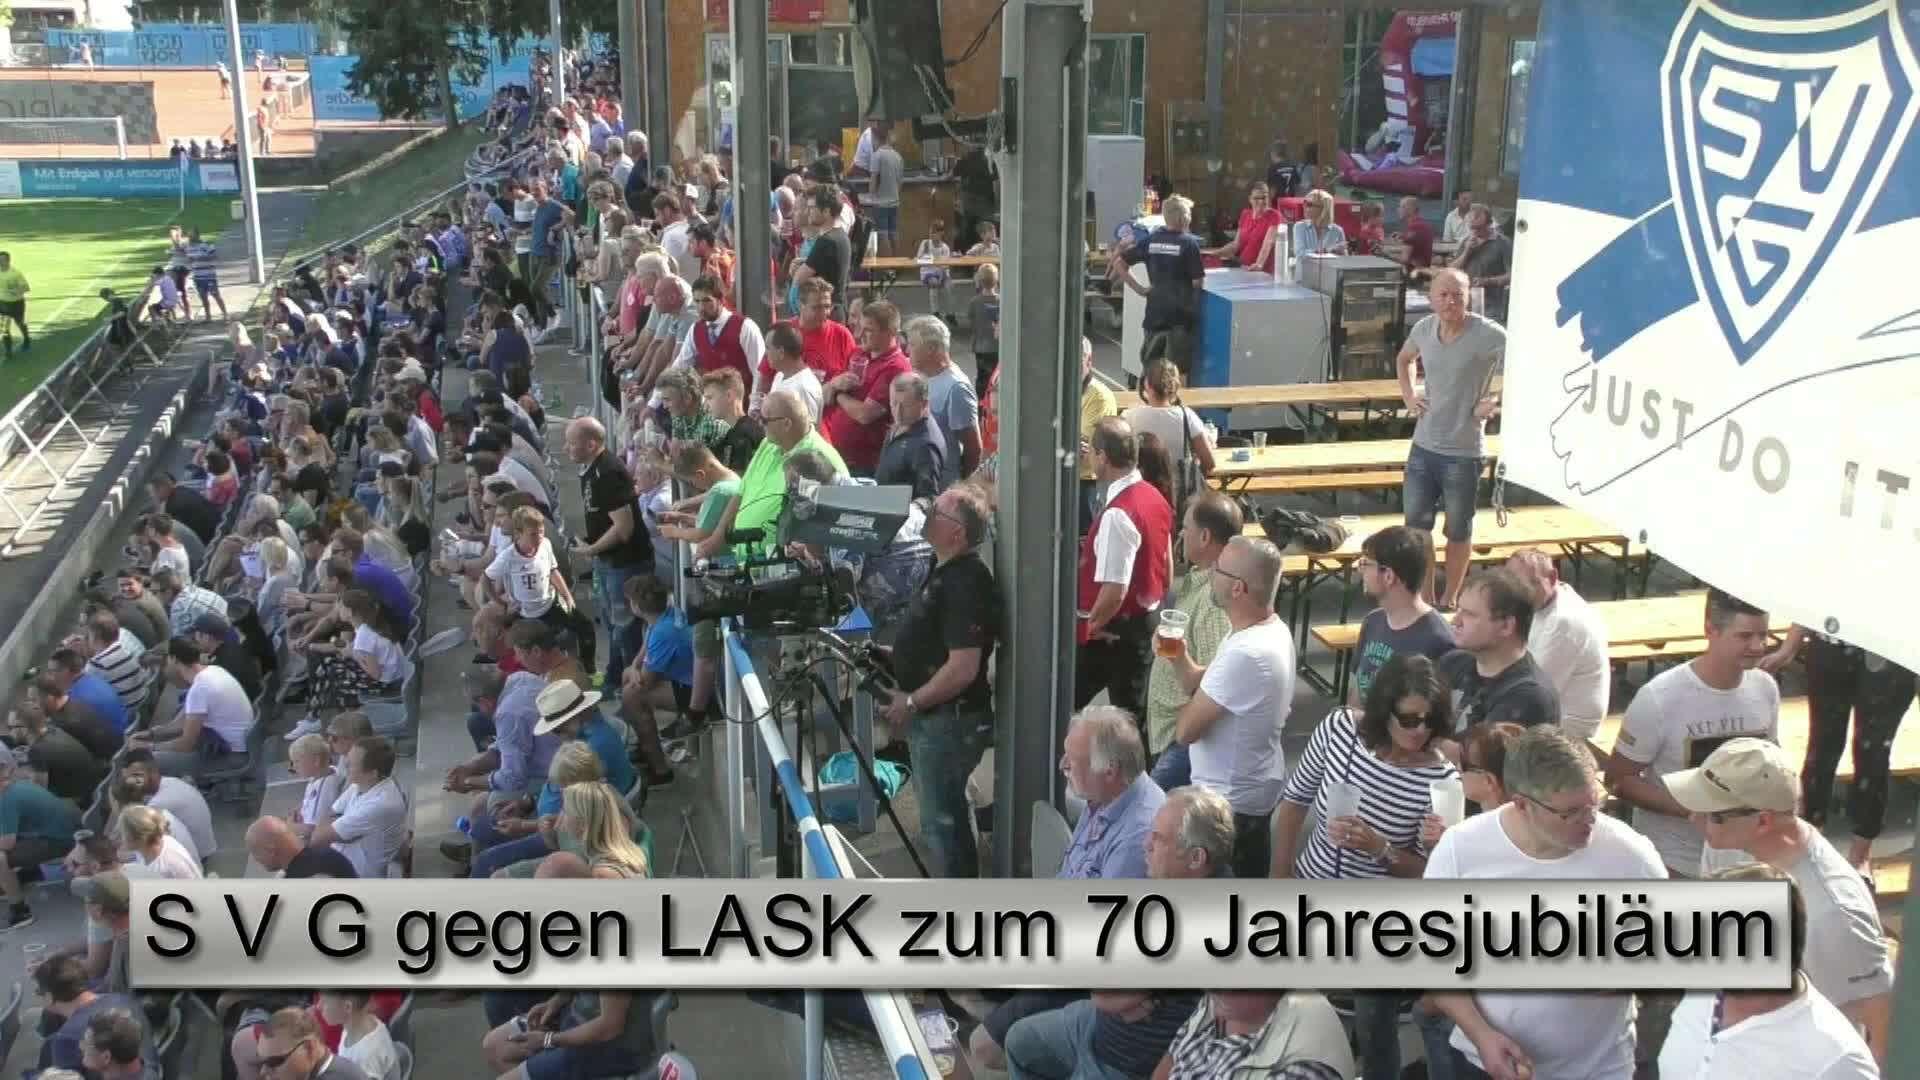 S V G gegen LASK zum 70 Jahresjubiläum